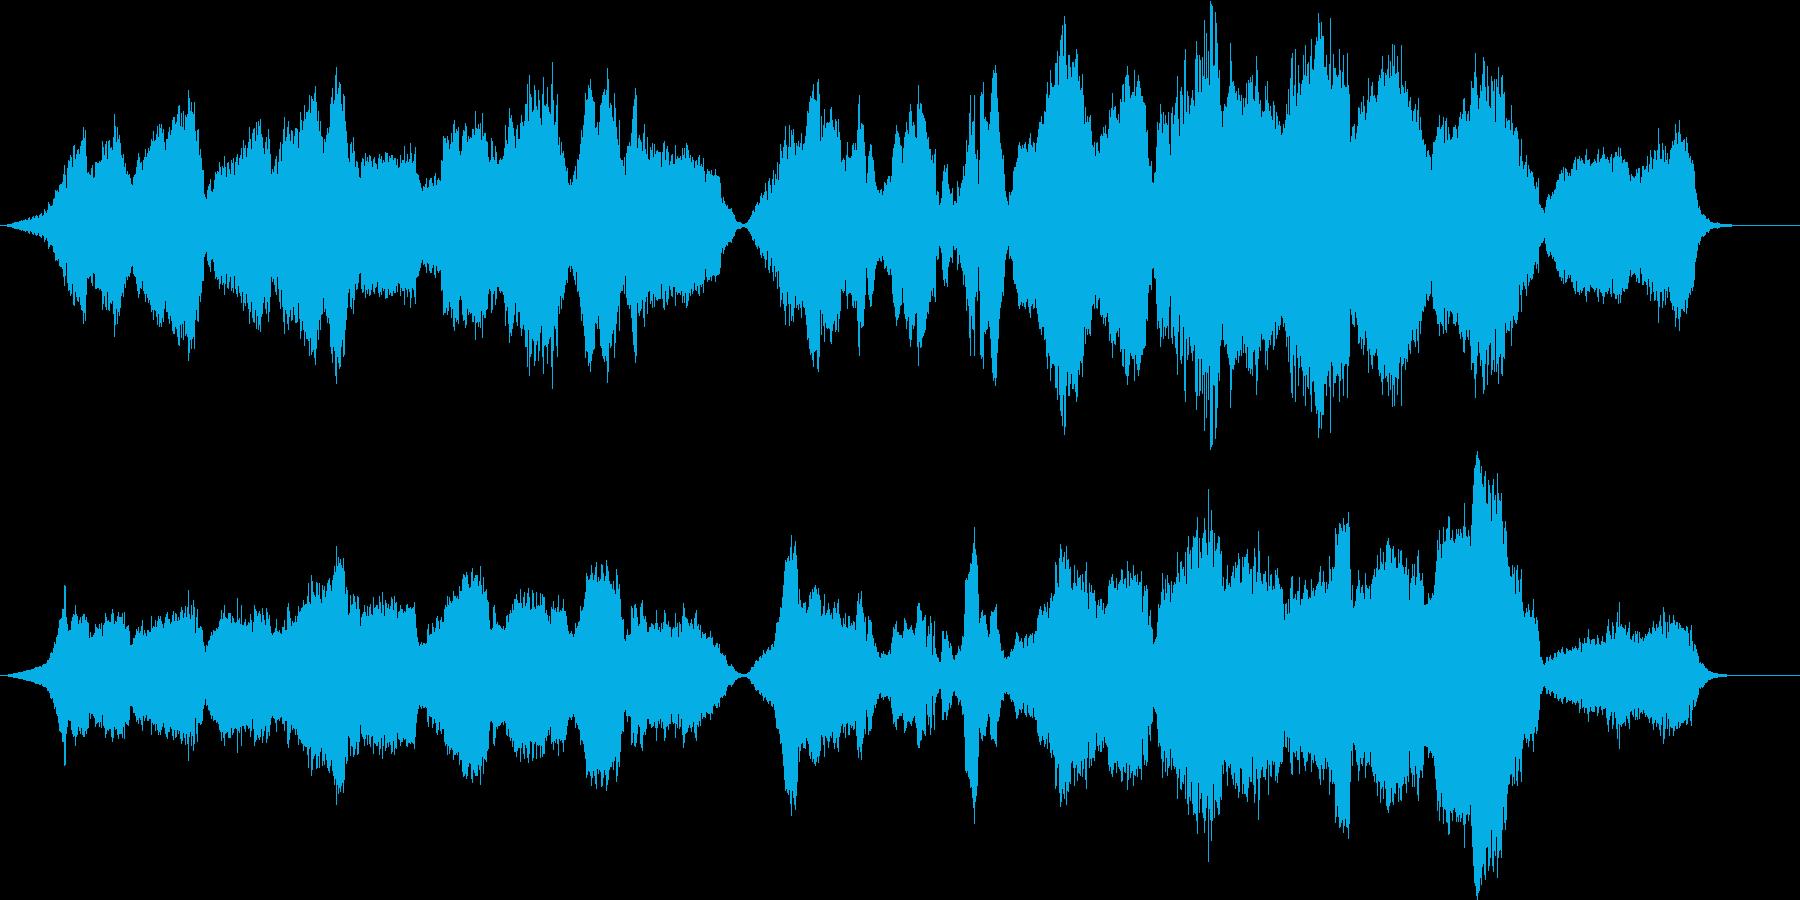 悲壮感と希望の弦楽四重奏・バイオリンソロの再生済みの波形